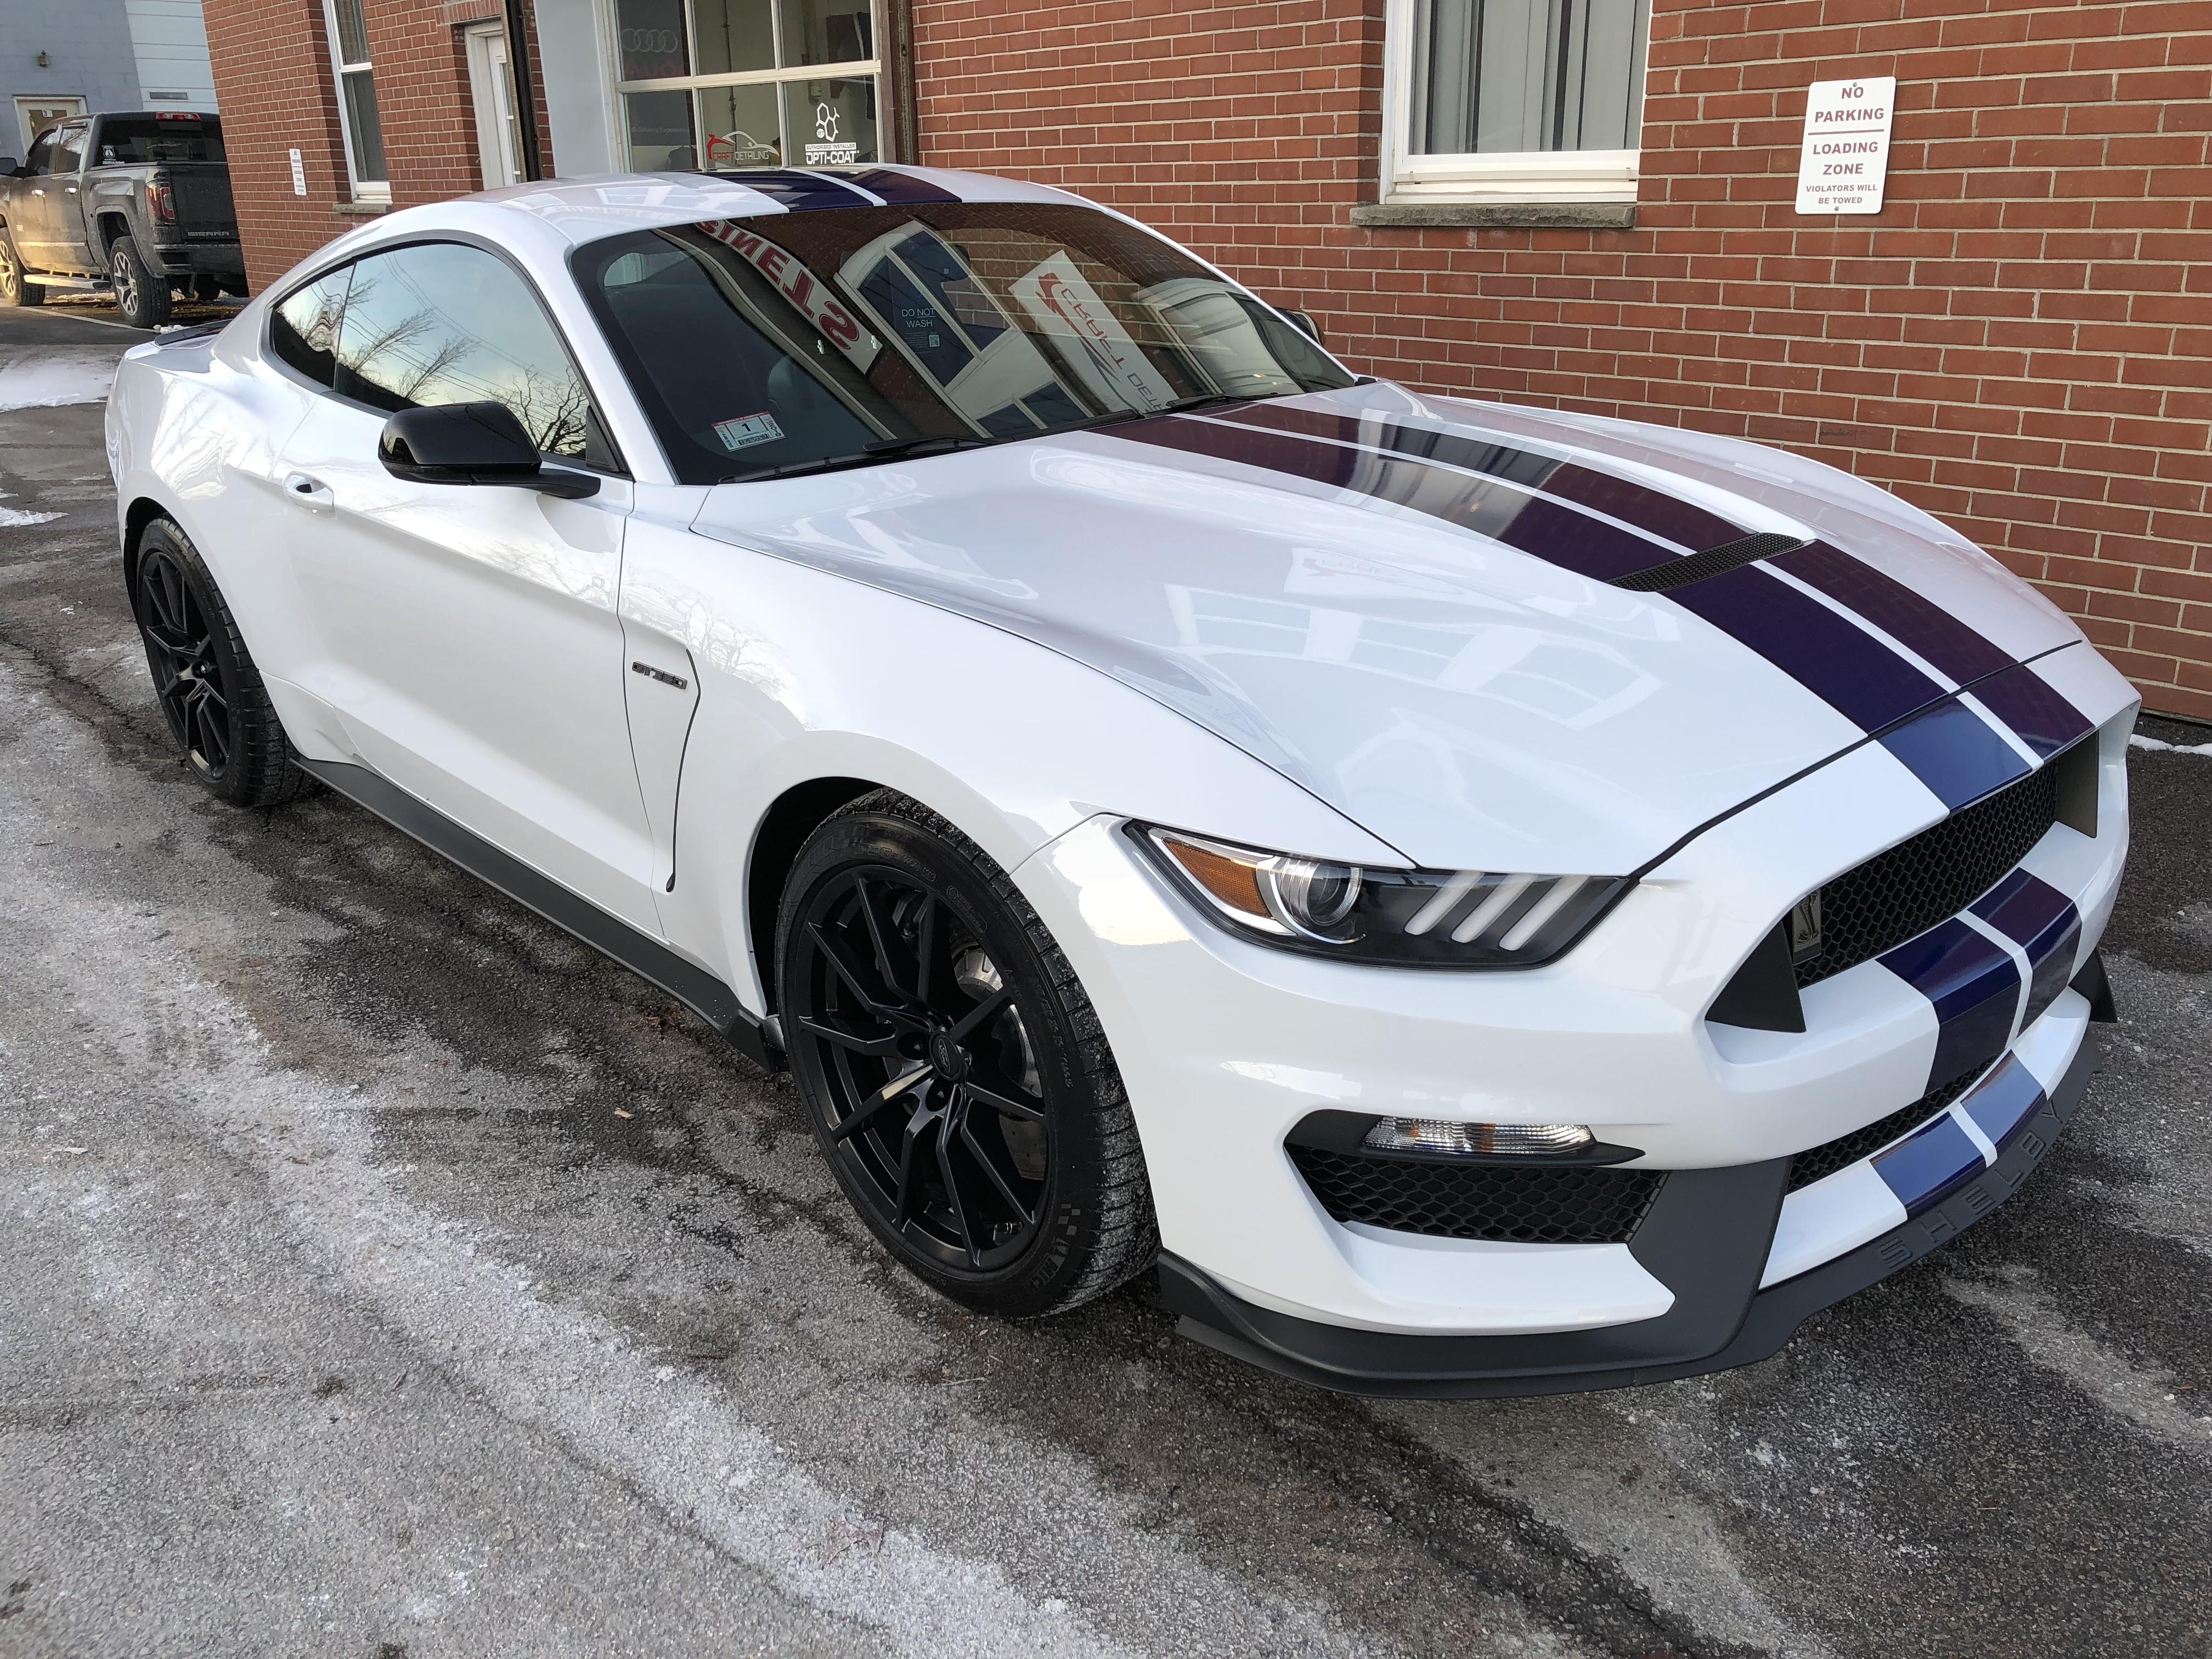 Opti Coat Pro >> 2017 Ford Mustang Gt350 Opti Coat Pro Plus And Xpel Ultimate